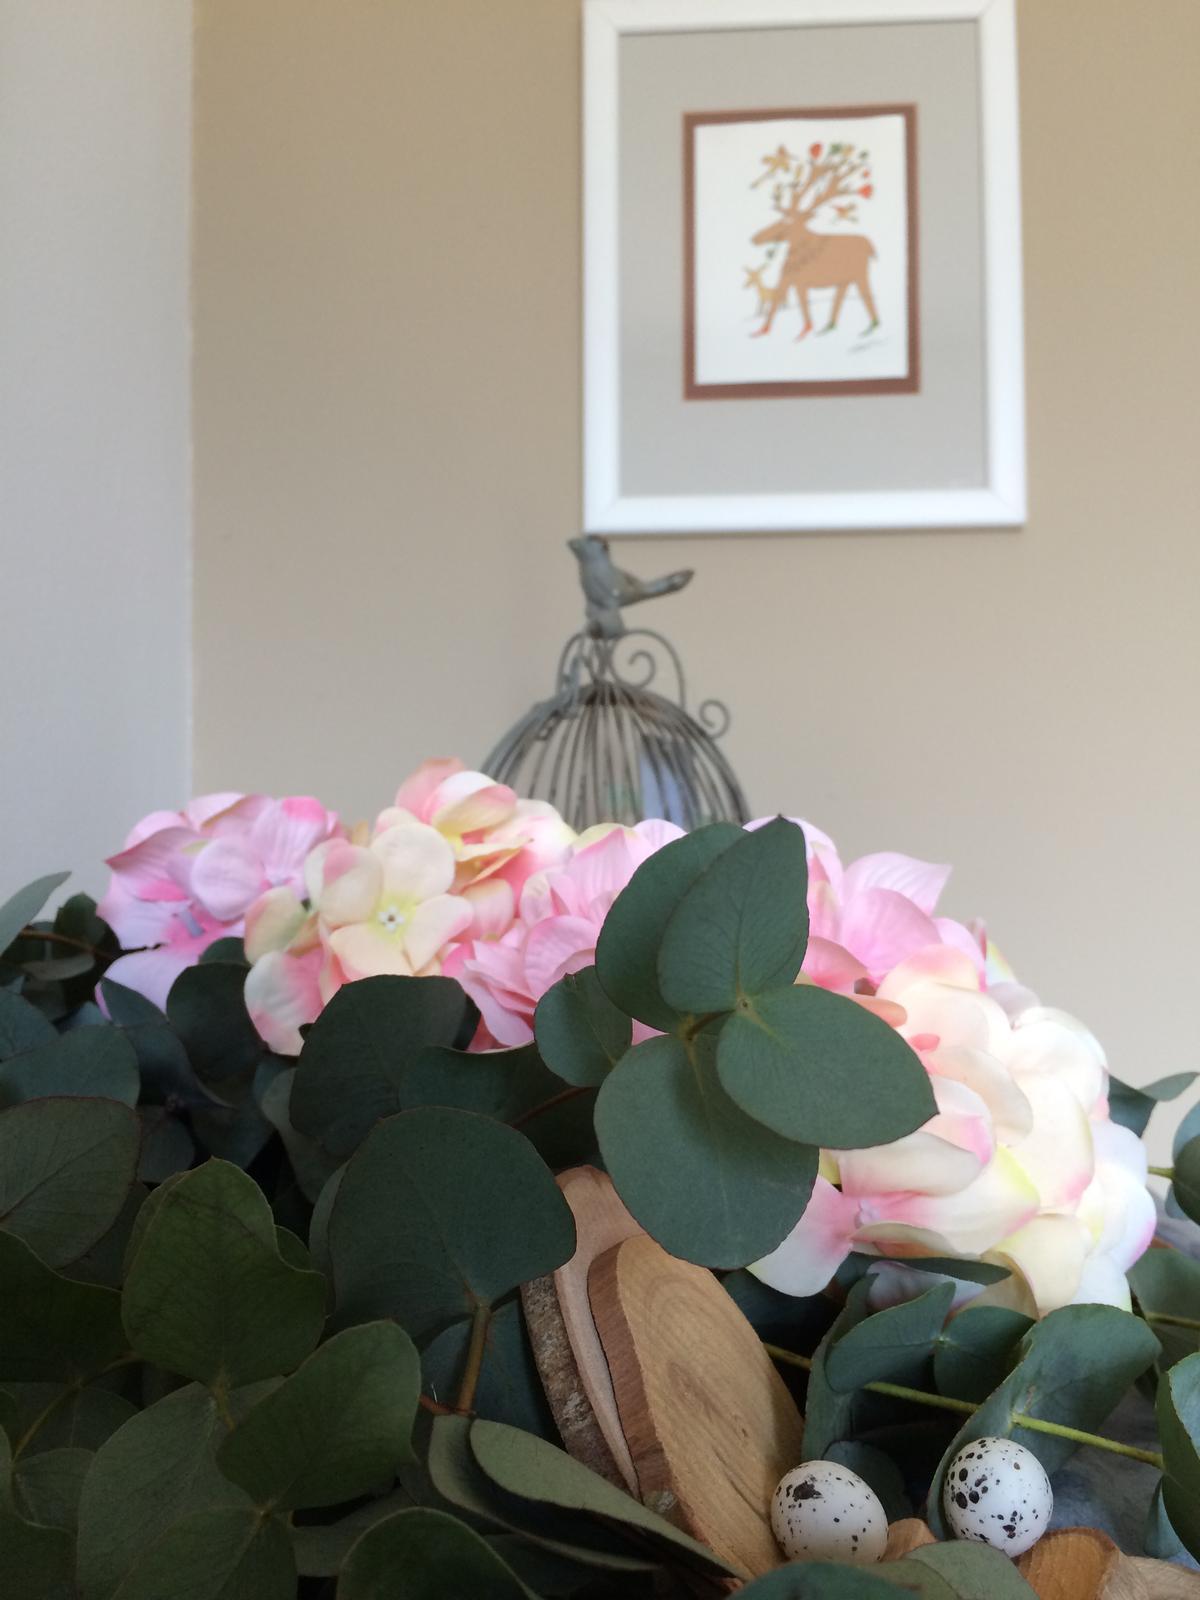 """Dekorace z květin Pro radost - i ta grafika """"Námluvy"""" od Adolfa Borna k tomu pasuje"""